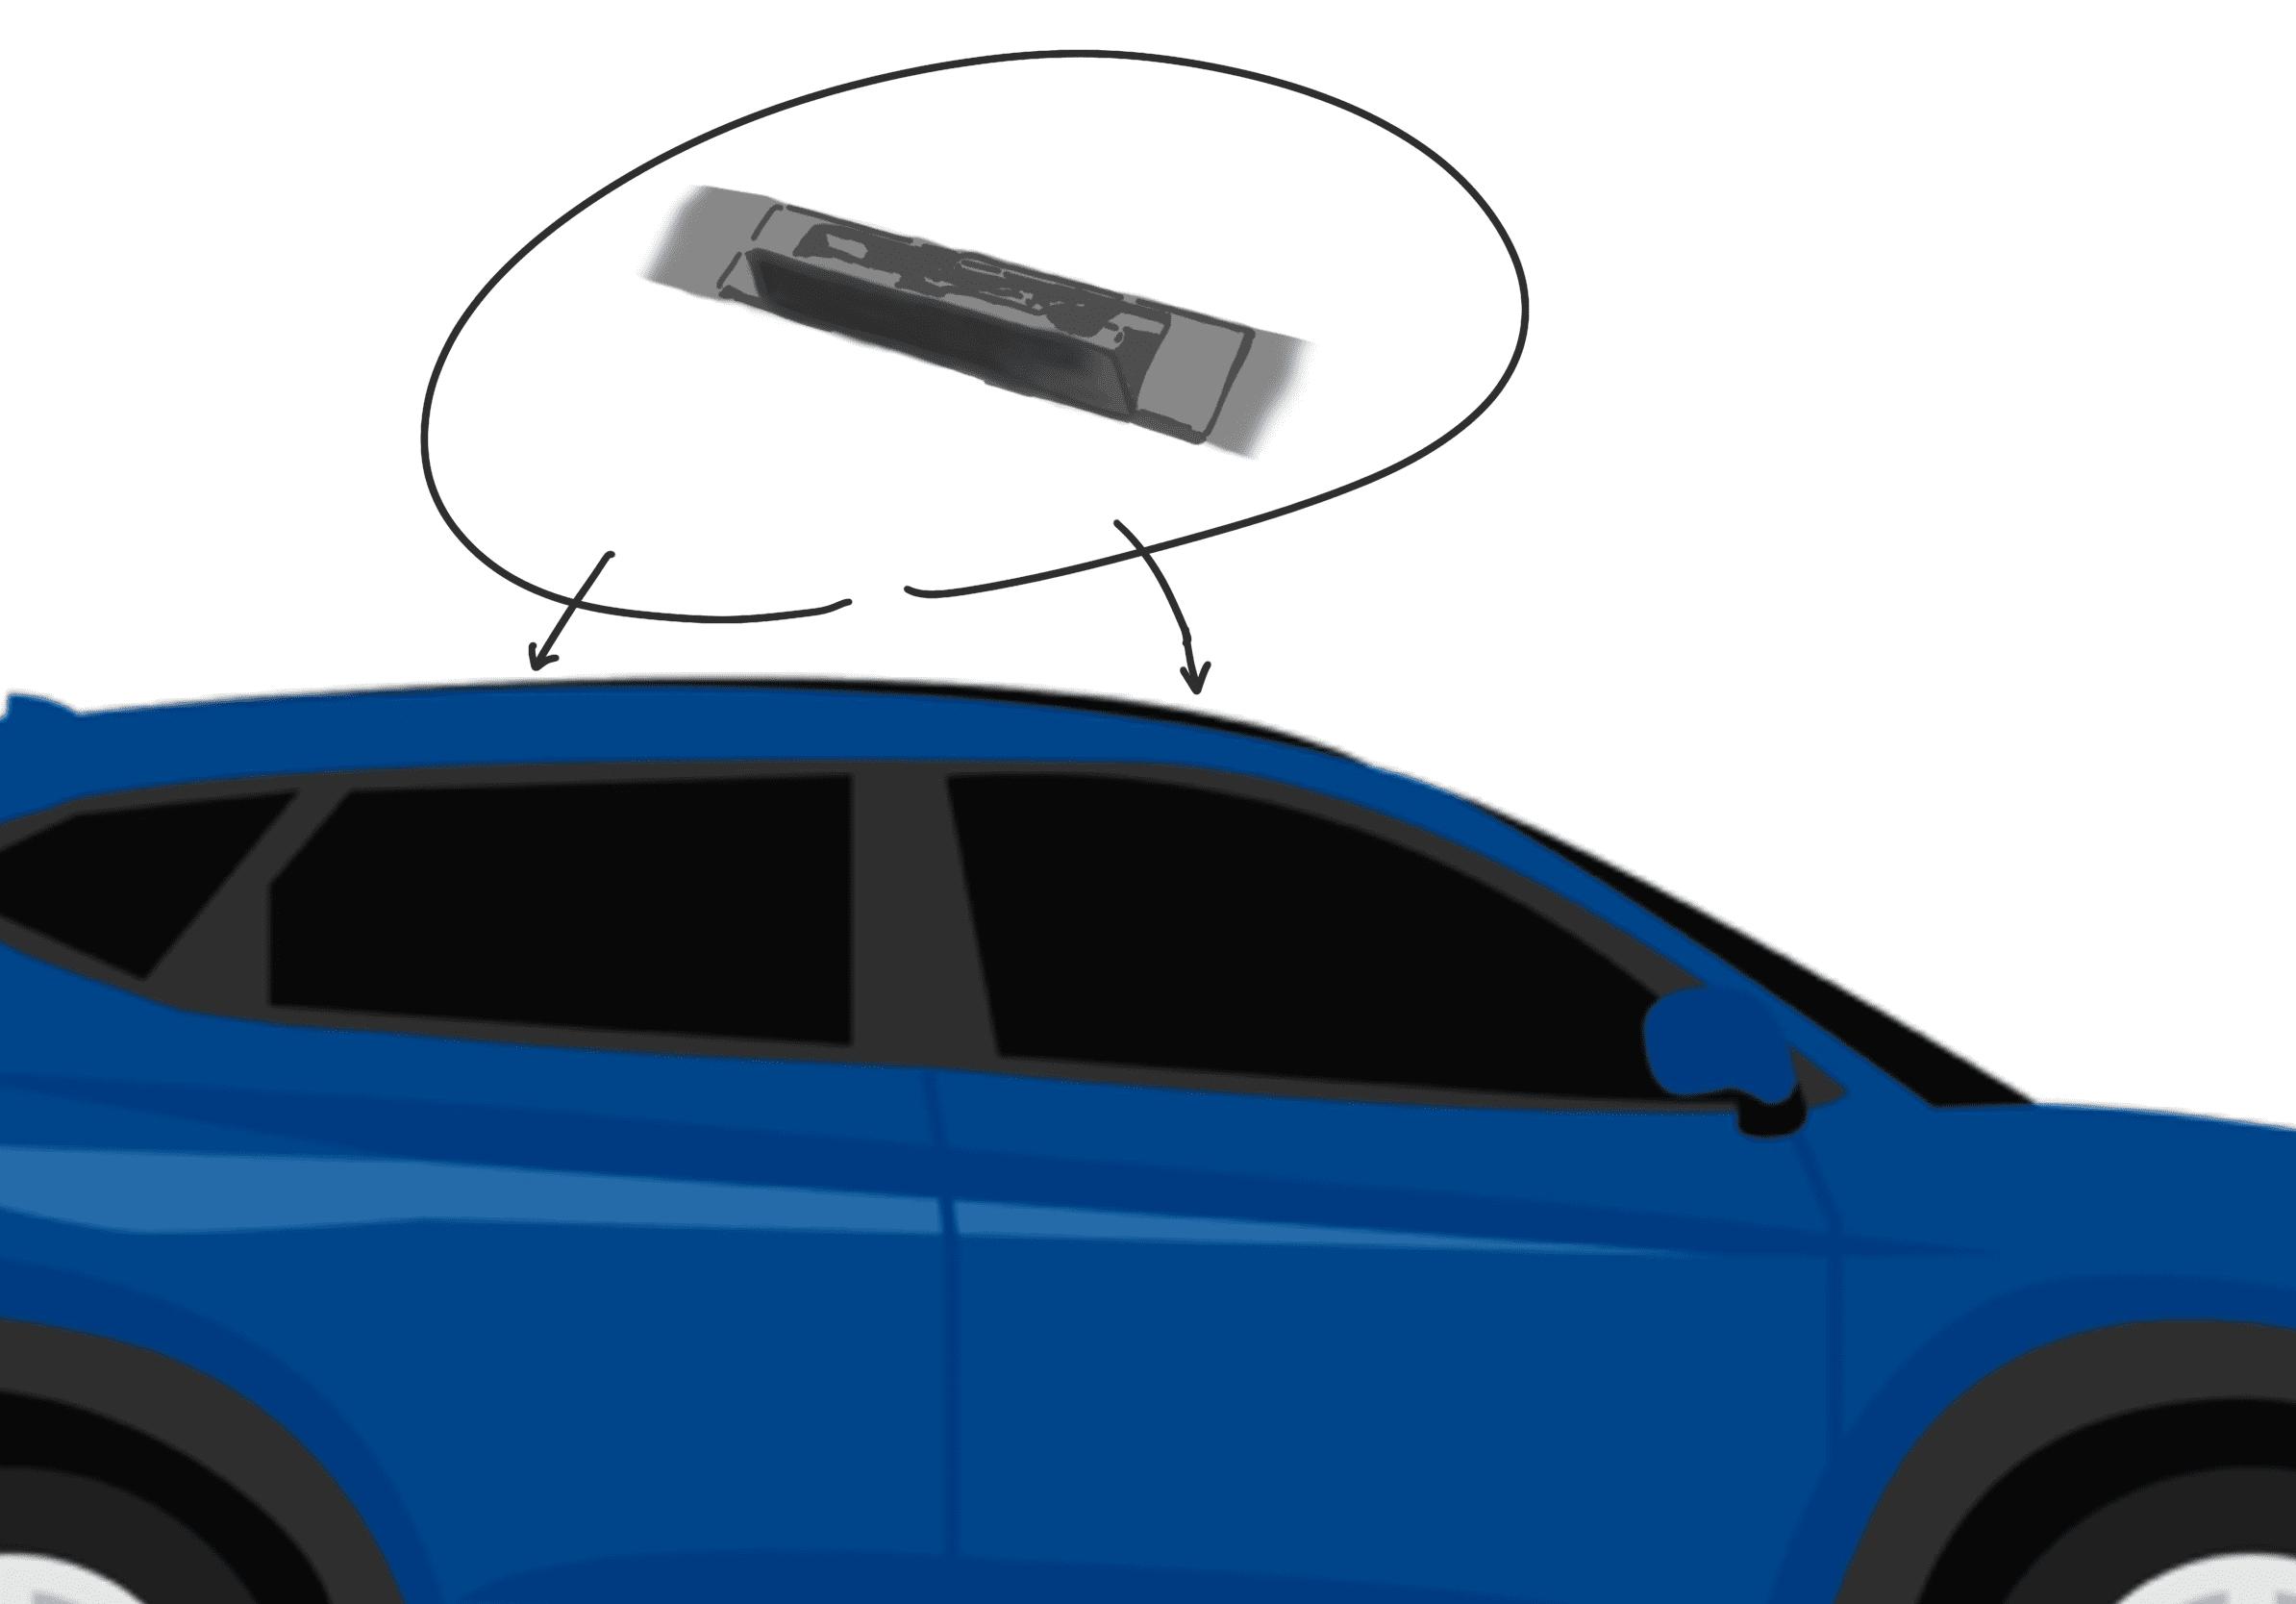 ルーフオンタイプにはベースキャリア「取り付けポイント」が付いている車もある